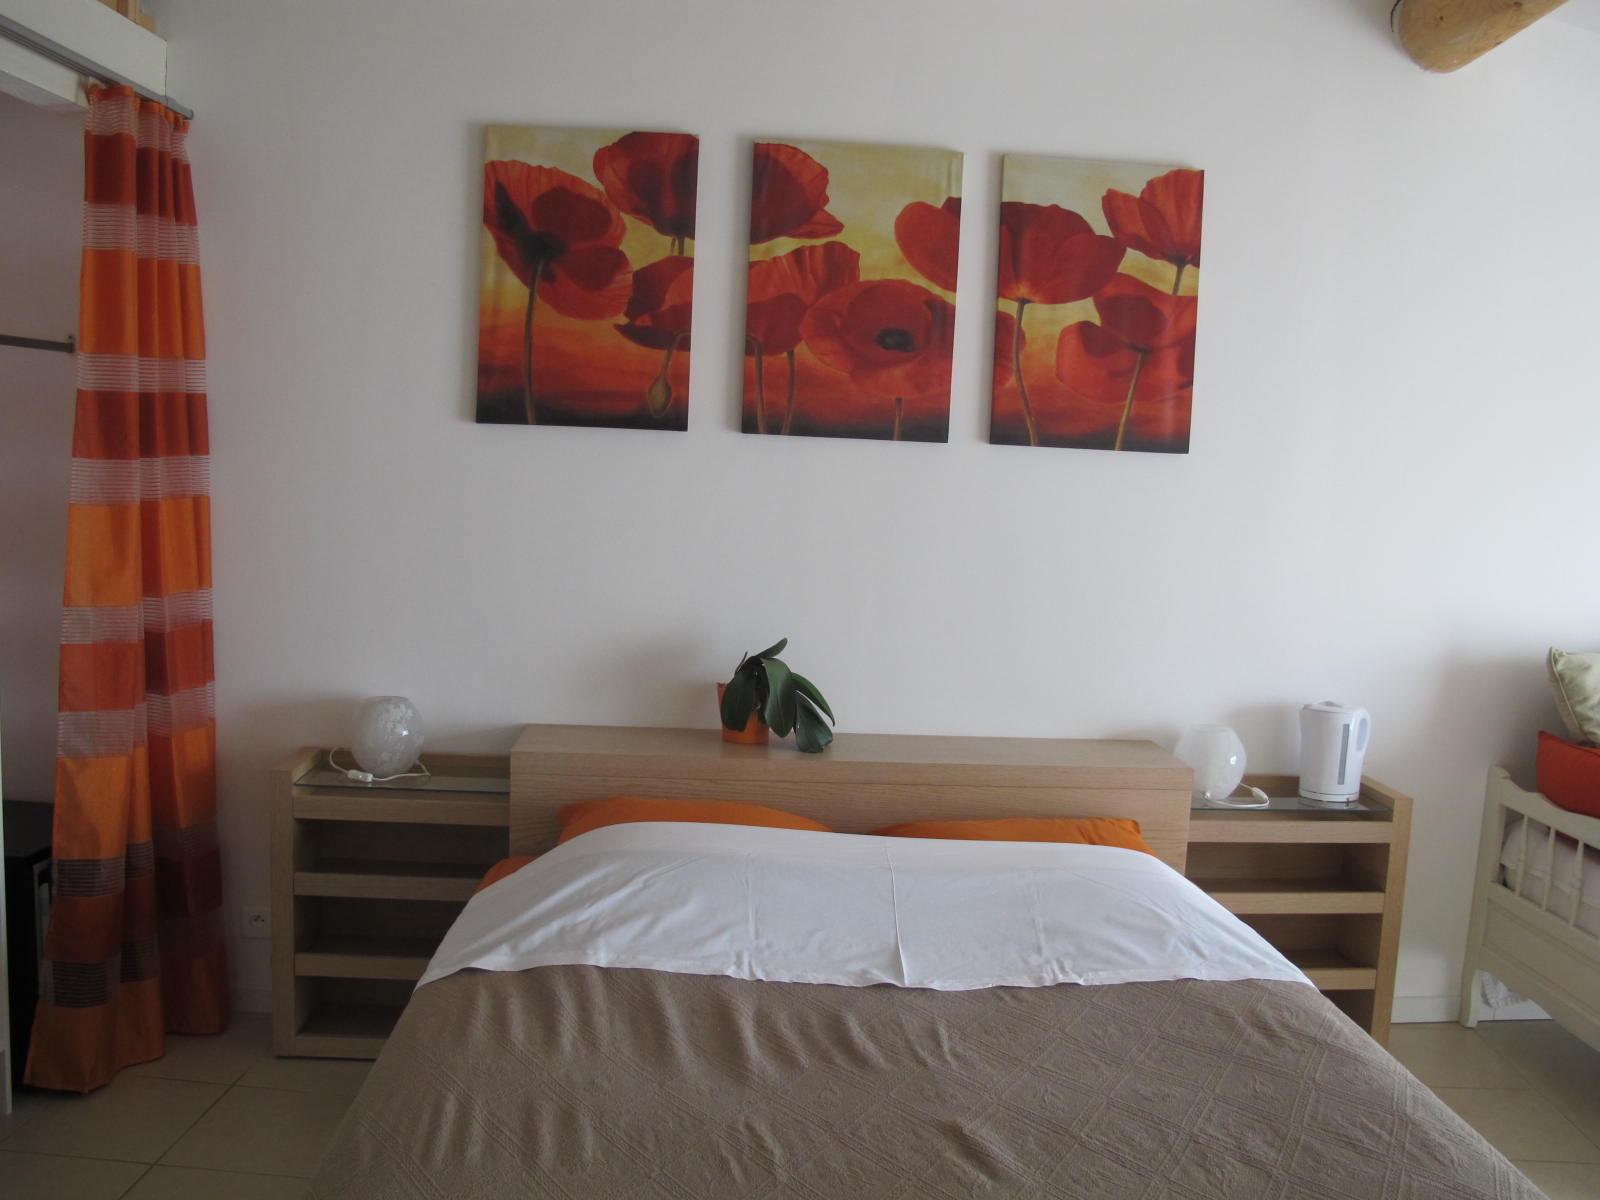 loucardaline-bedoin-ventoux-hébergement-chambre d hotes-vaucluse-familliale-calme-climatisé